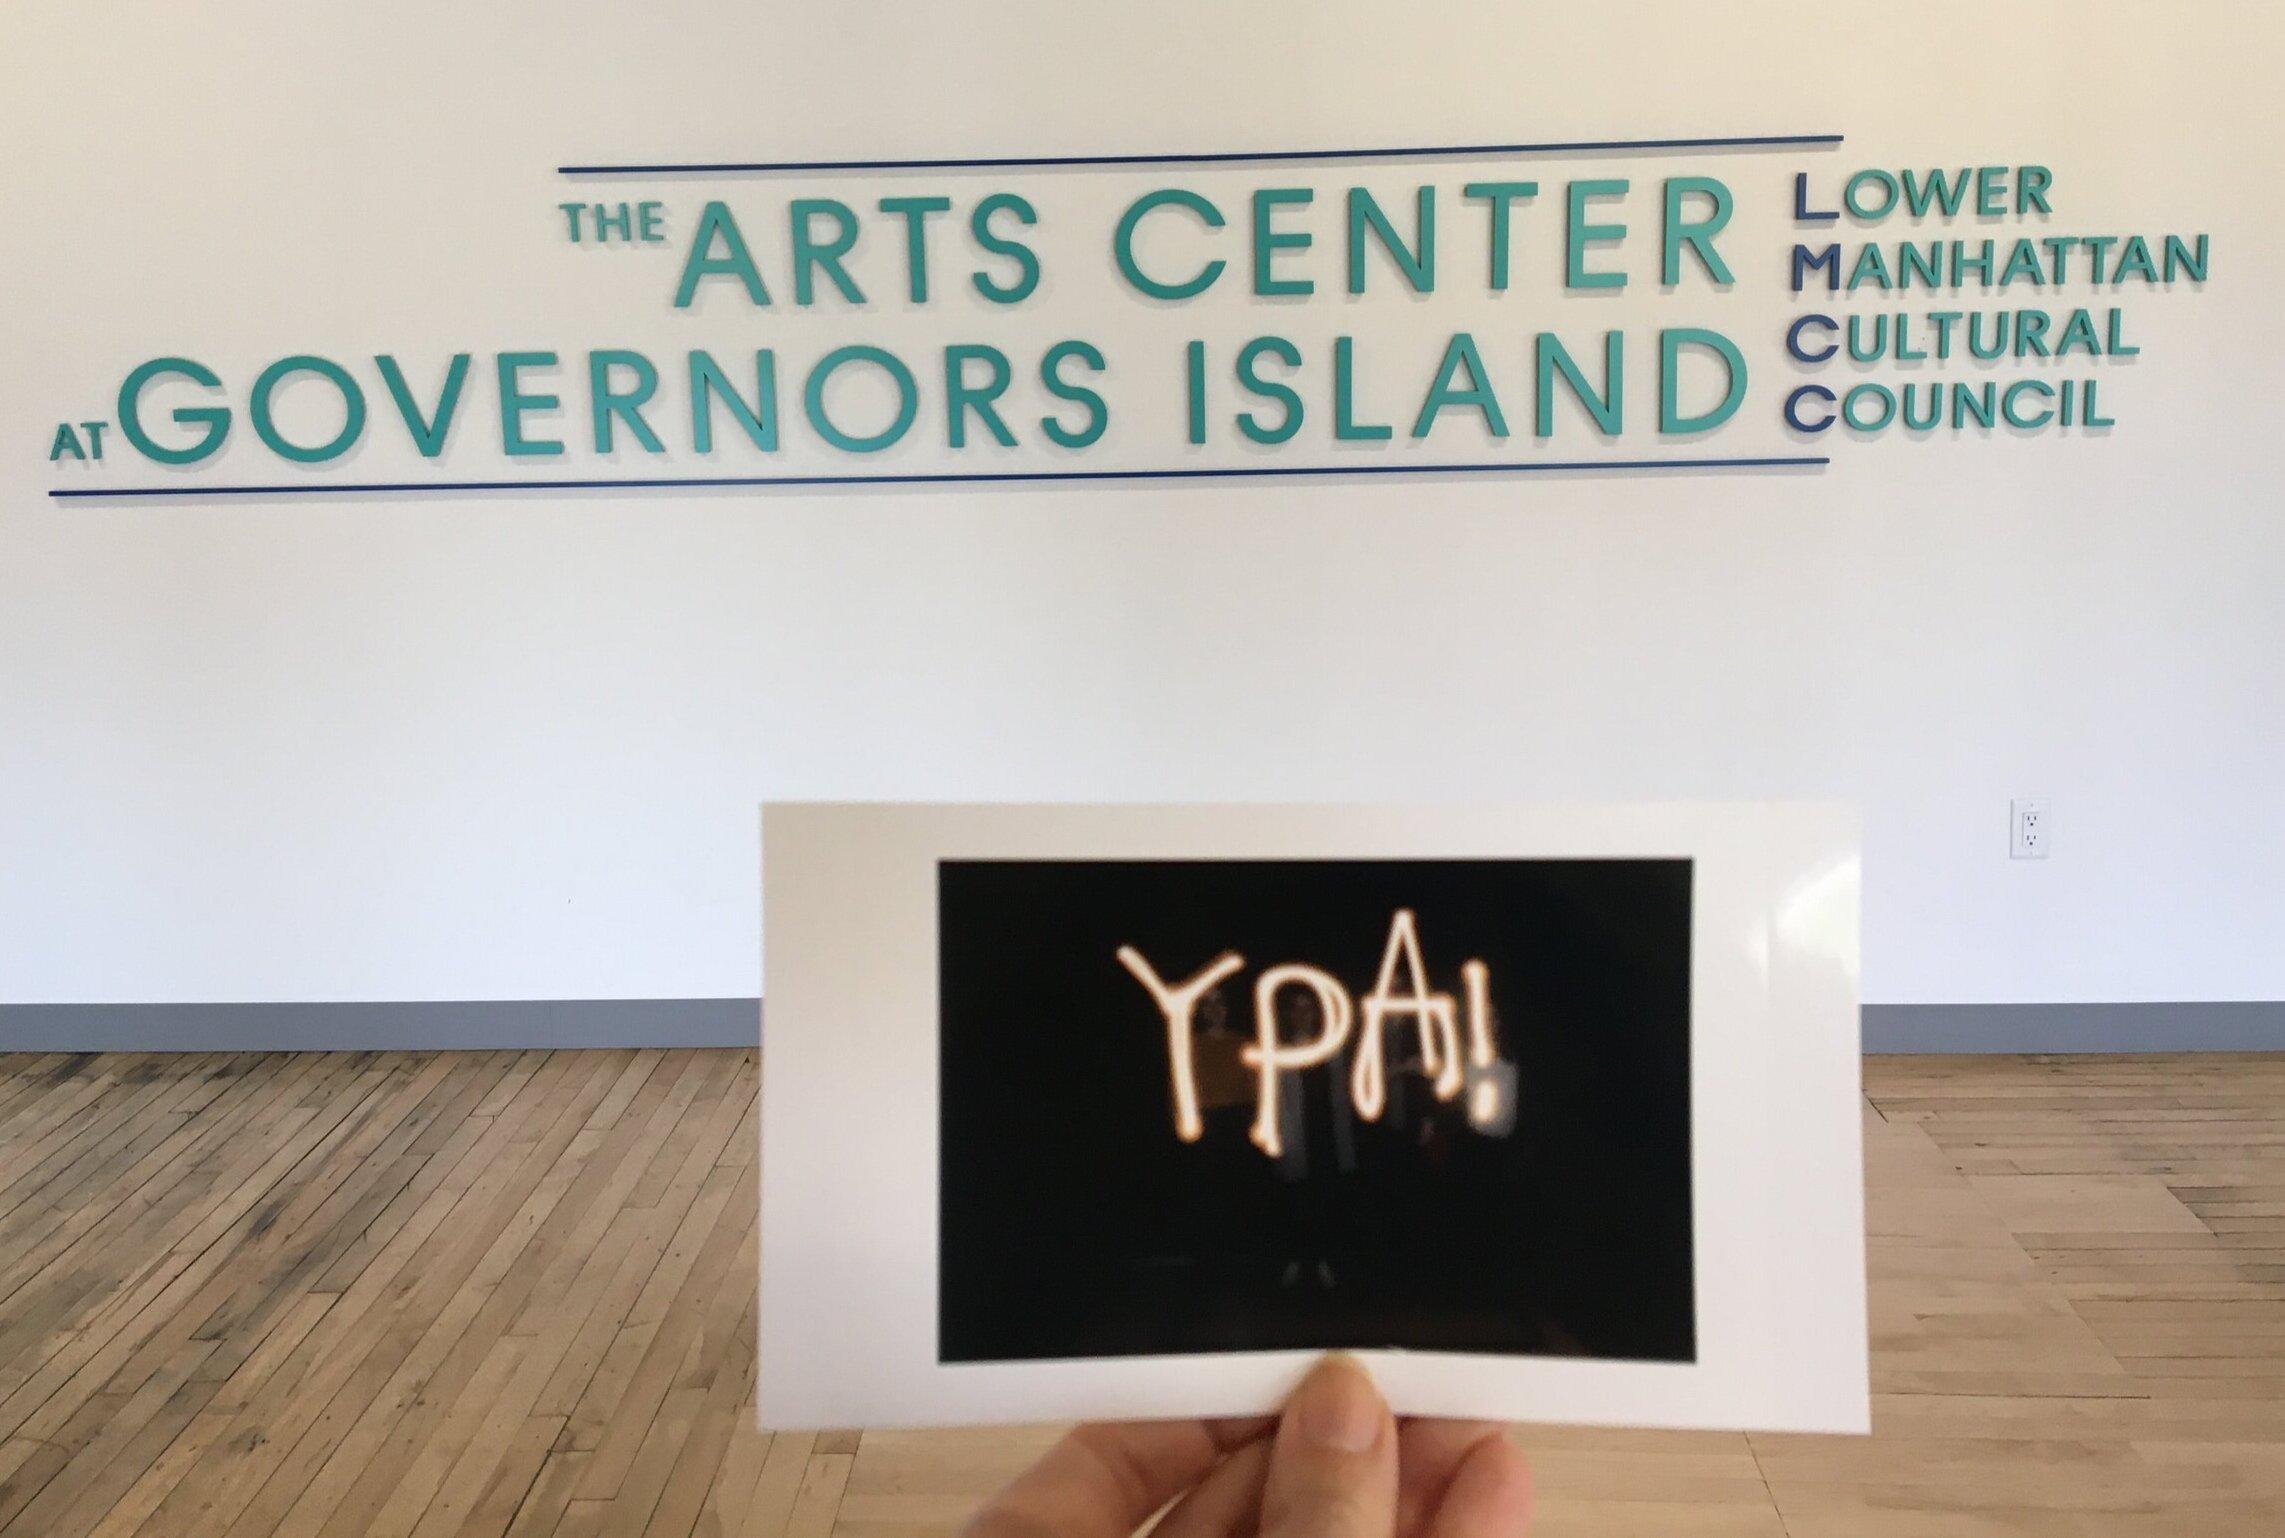 YPA at LMCC's Arts Center at Governors Island. Photo cred: Sarah Kearns